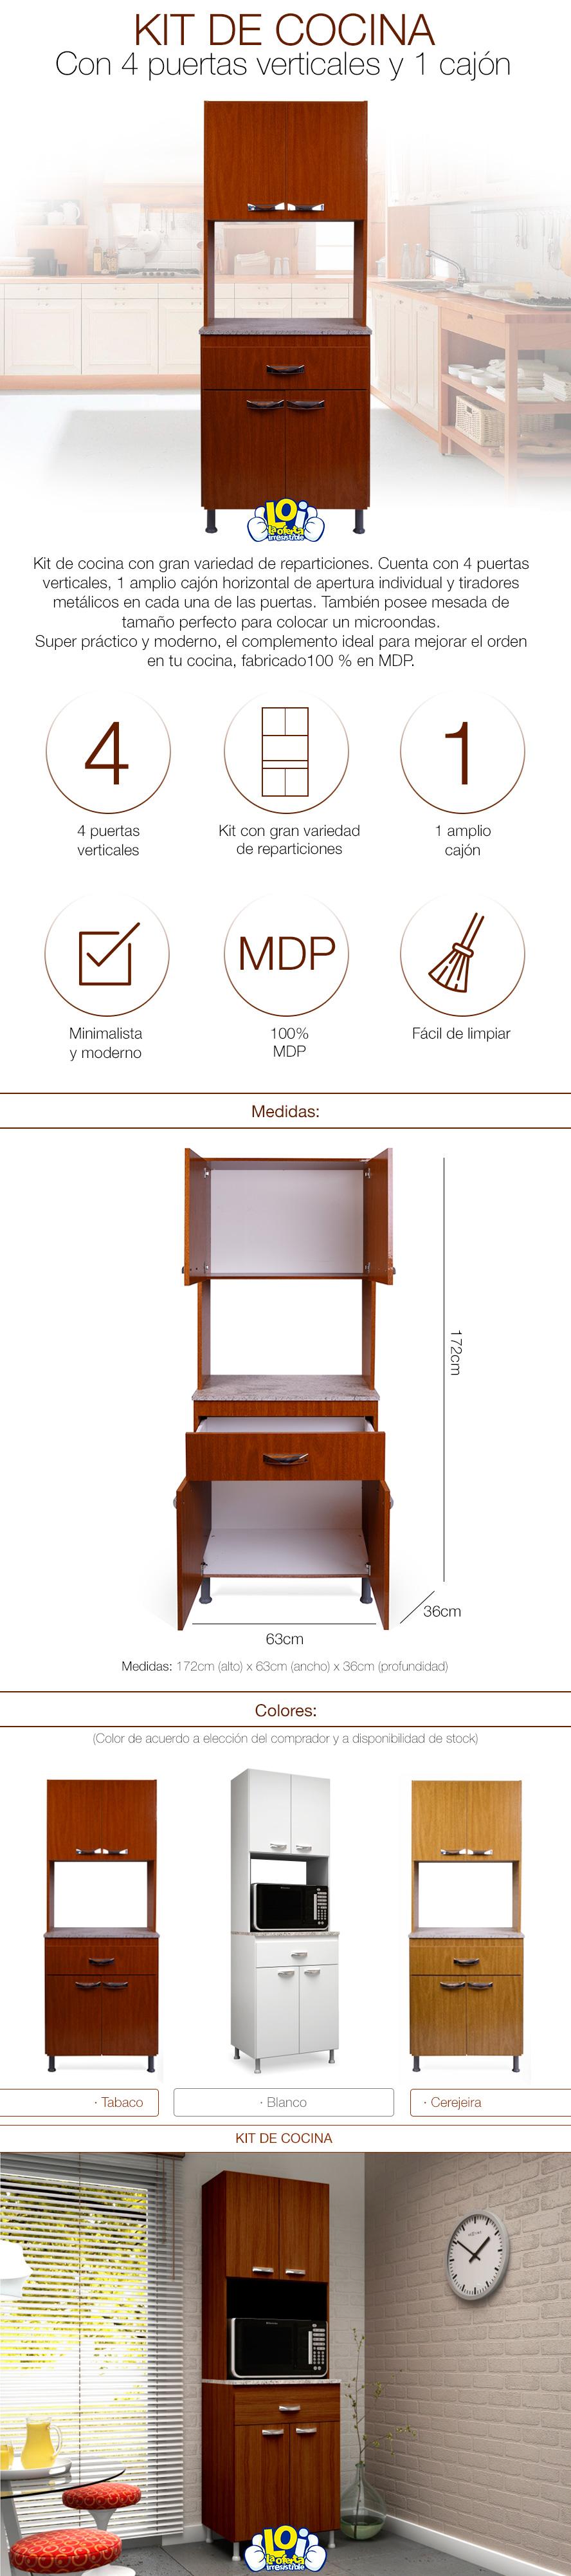 Mueble armario de cocina 4 puertas 1 caj n color tabaco for Armarios de cocina en kit